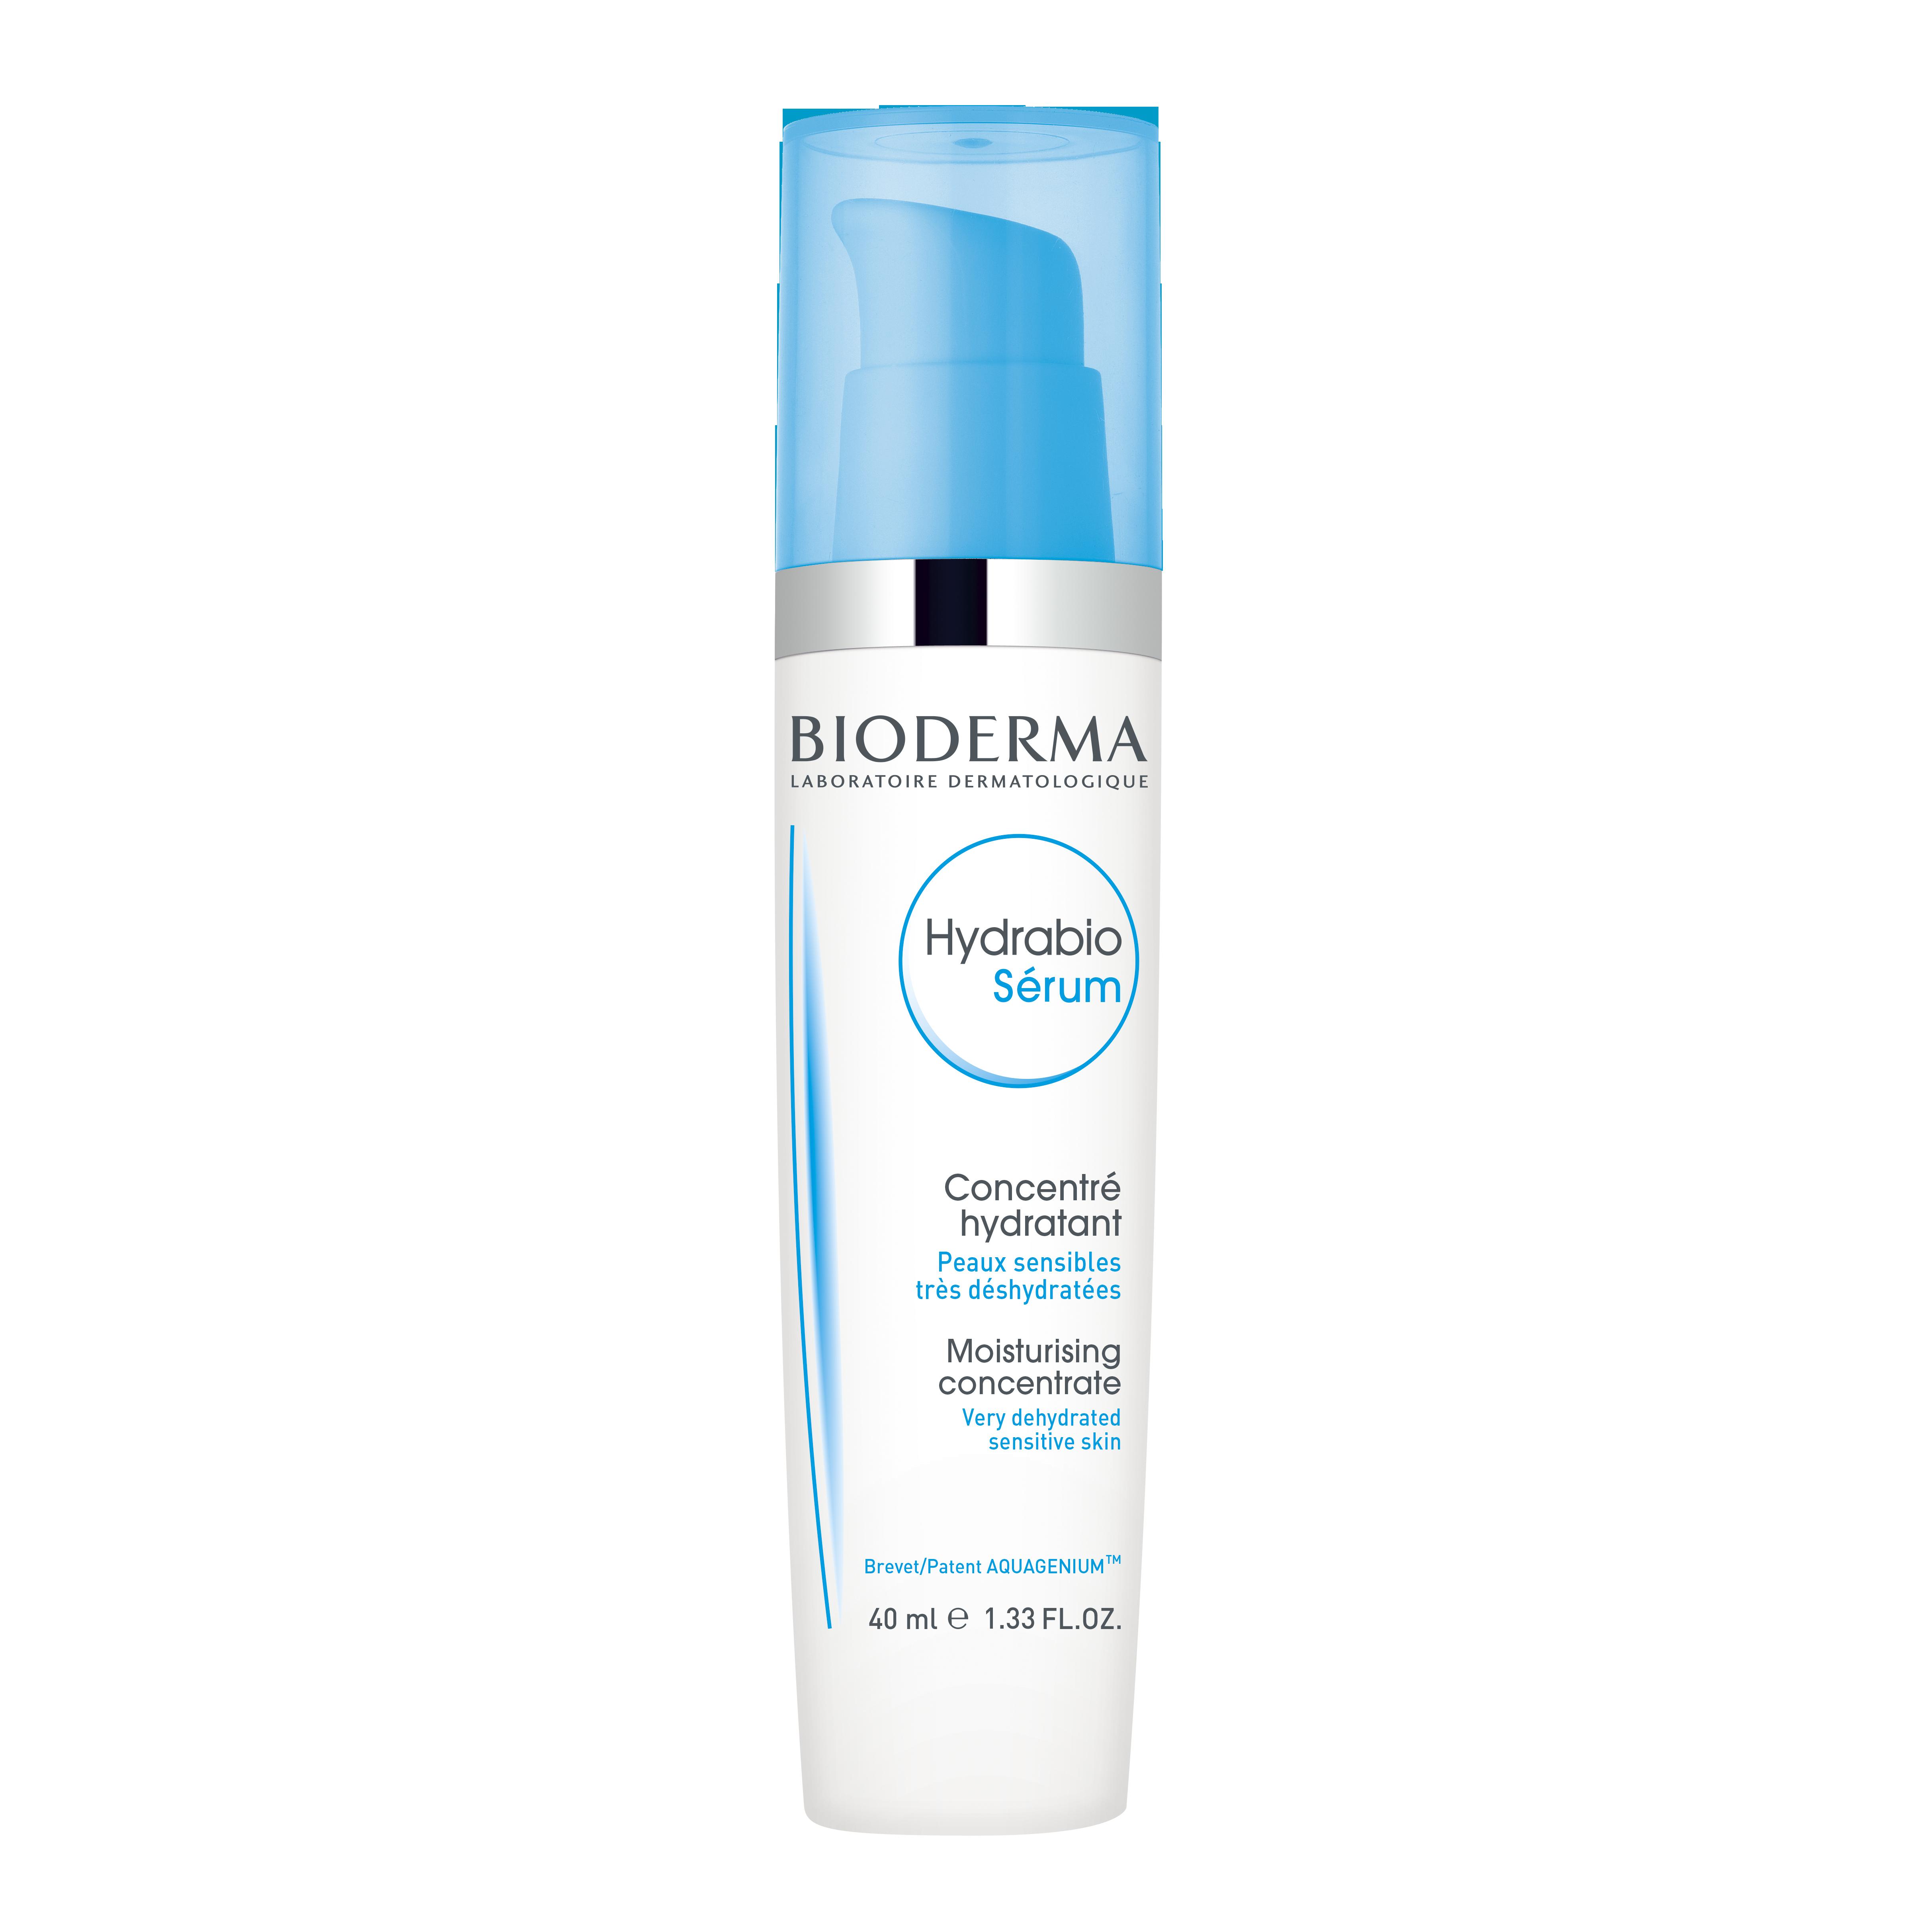 Увлажняющая сыворотка с гиалуроновой кислотой для обезвоженной кожи Bioderma Hydrabio